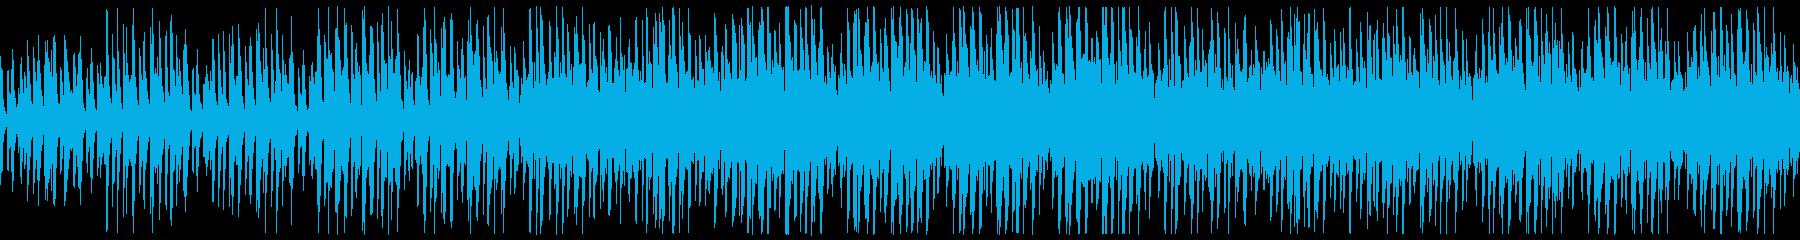 【ドラム・ベース抜き】明るいほのぼのア…の再生済みの波形